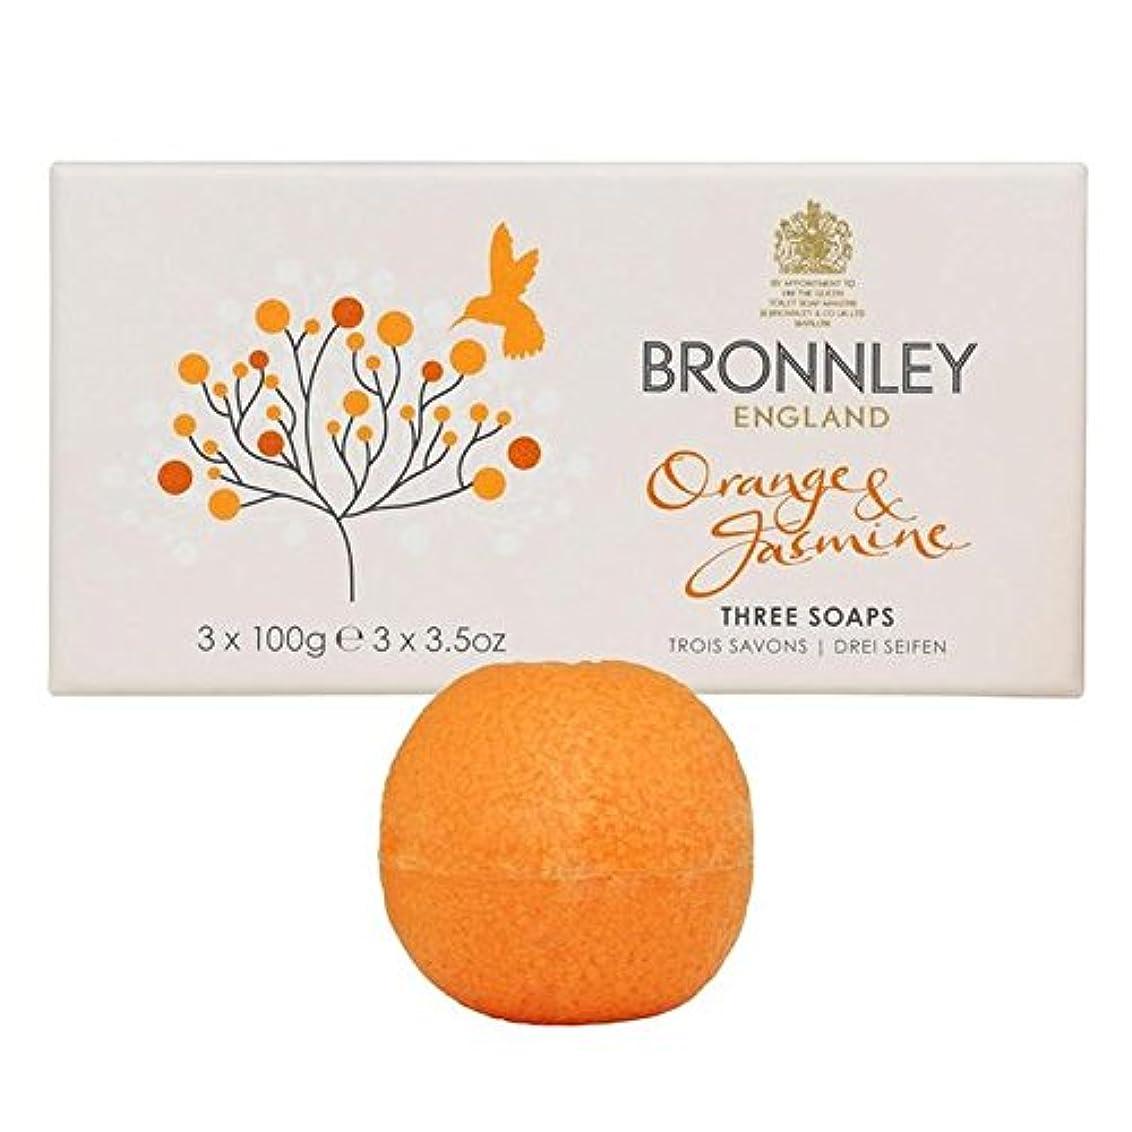 キノコ落花生煙Bronnley Orange & Jasmine Soaps 3 x 100g - オレンジ&ジャスミン石鹸3×100グラム [並行輸入品]